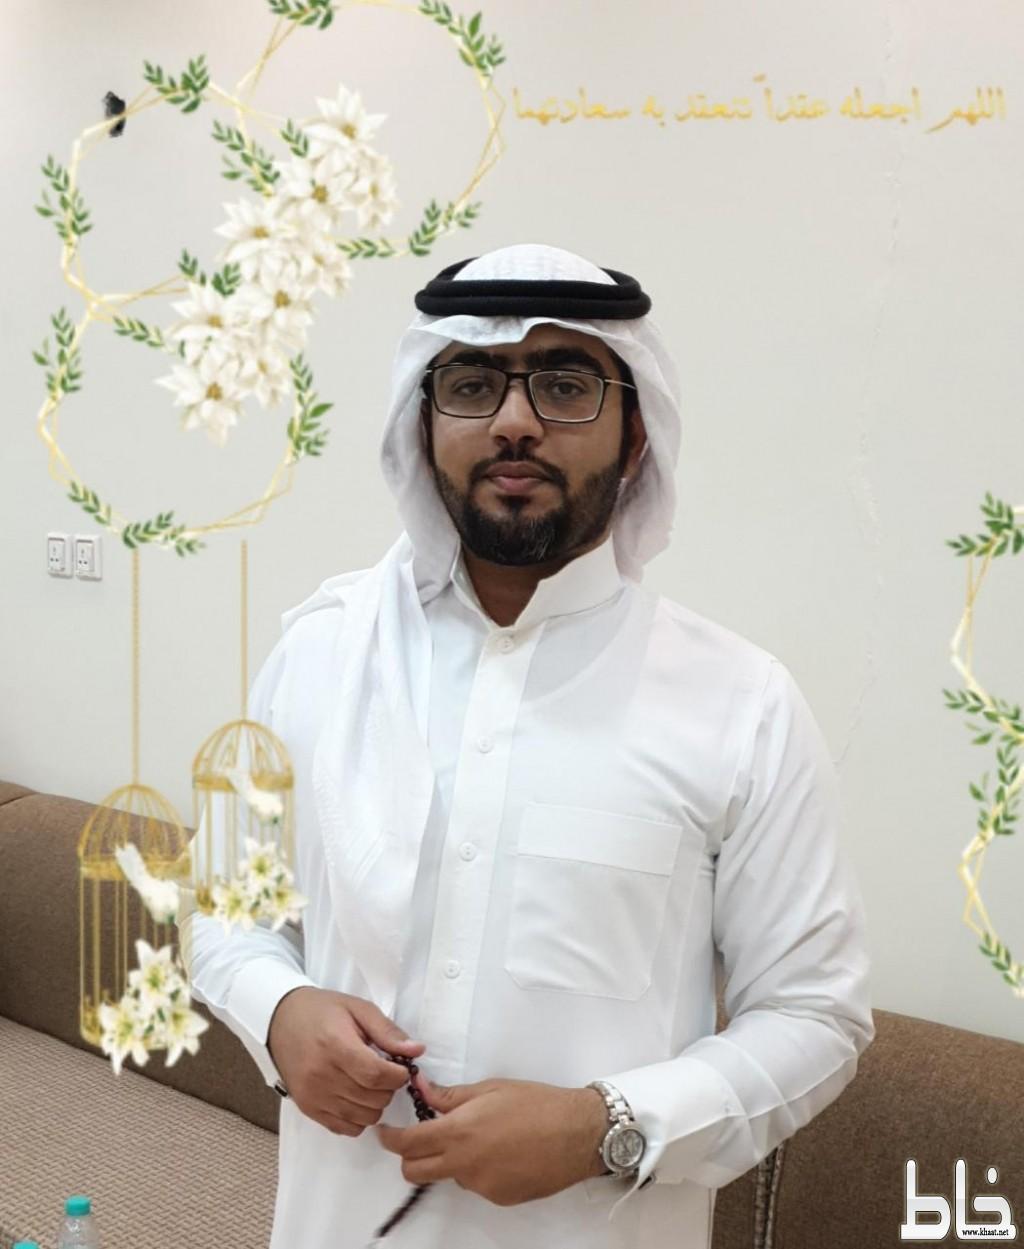 الأستاذ طالع أحمد حامد يحتفل بعقد قرآنه